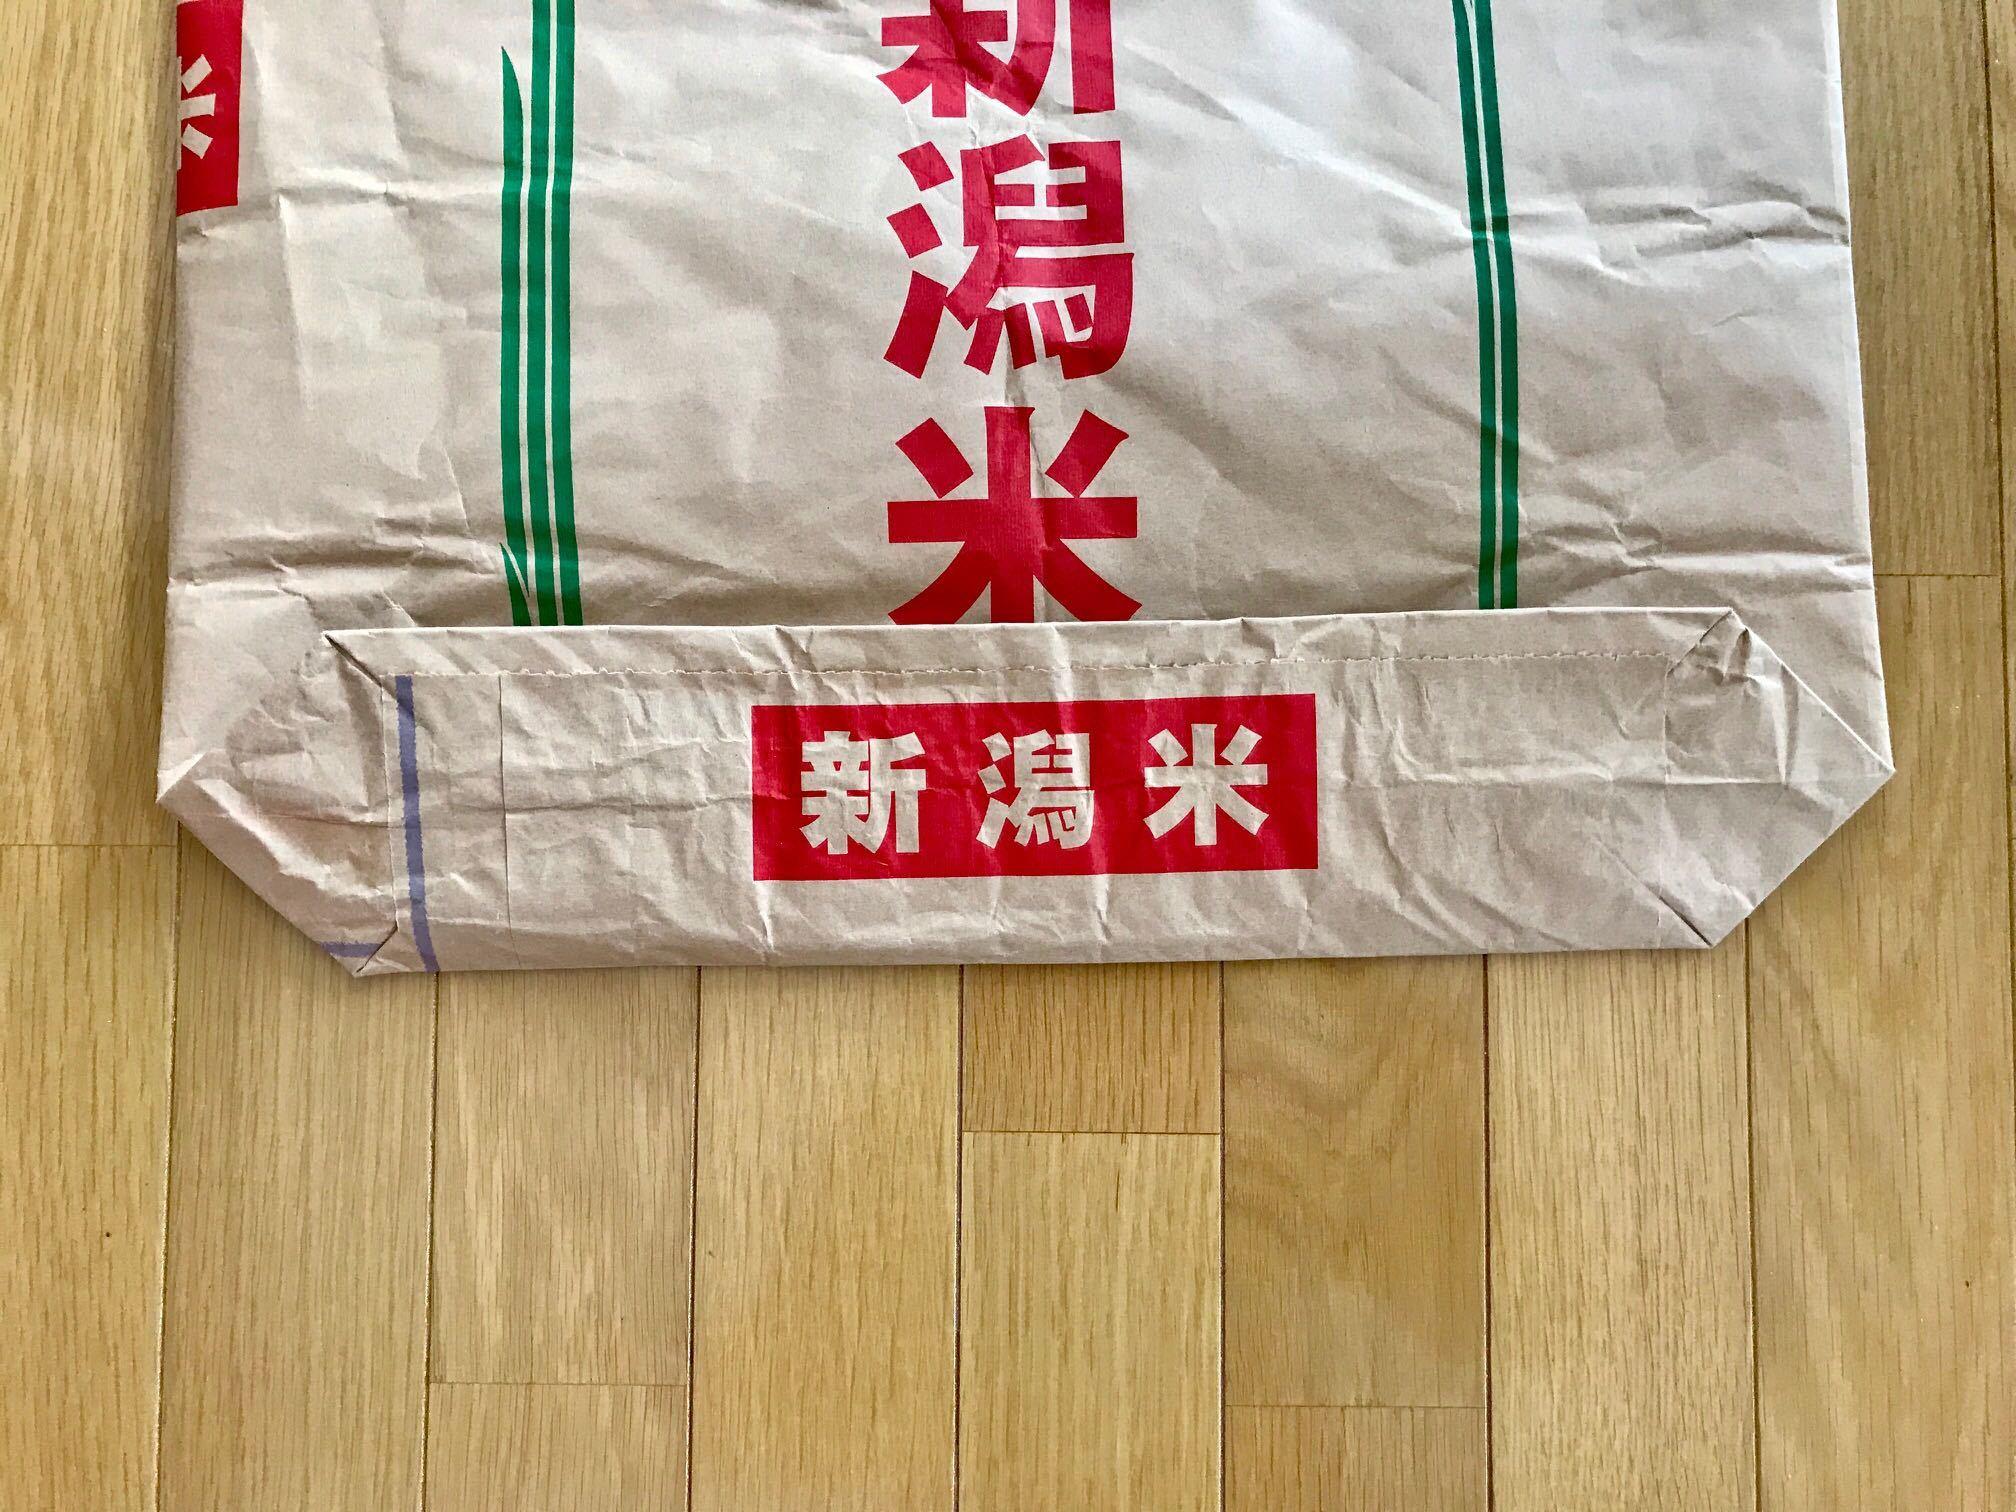 使用済みの米袋